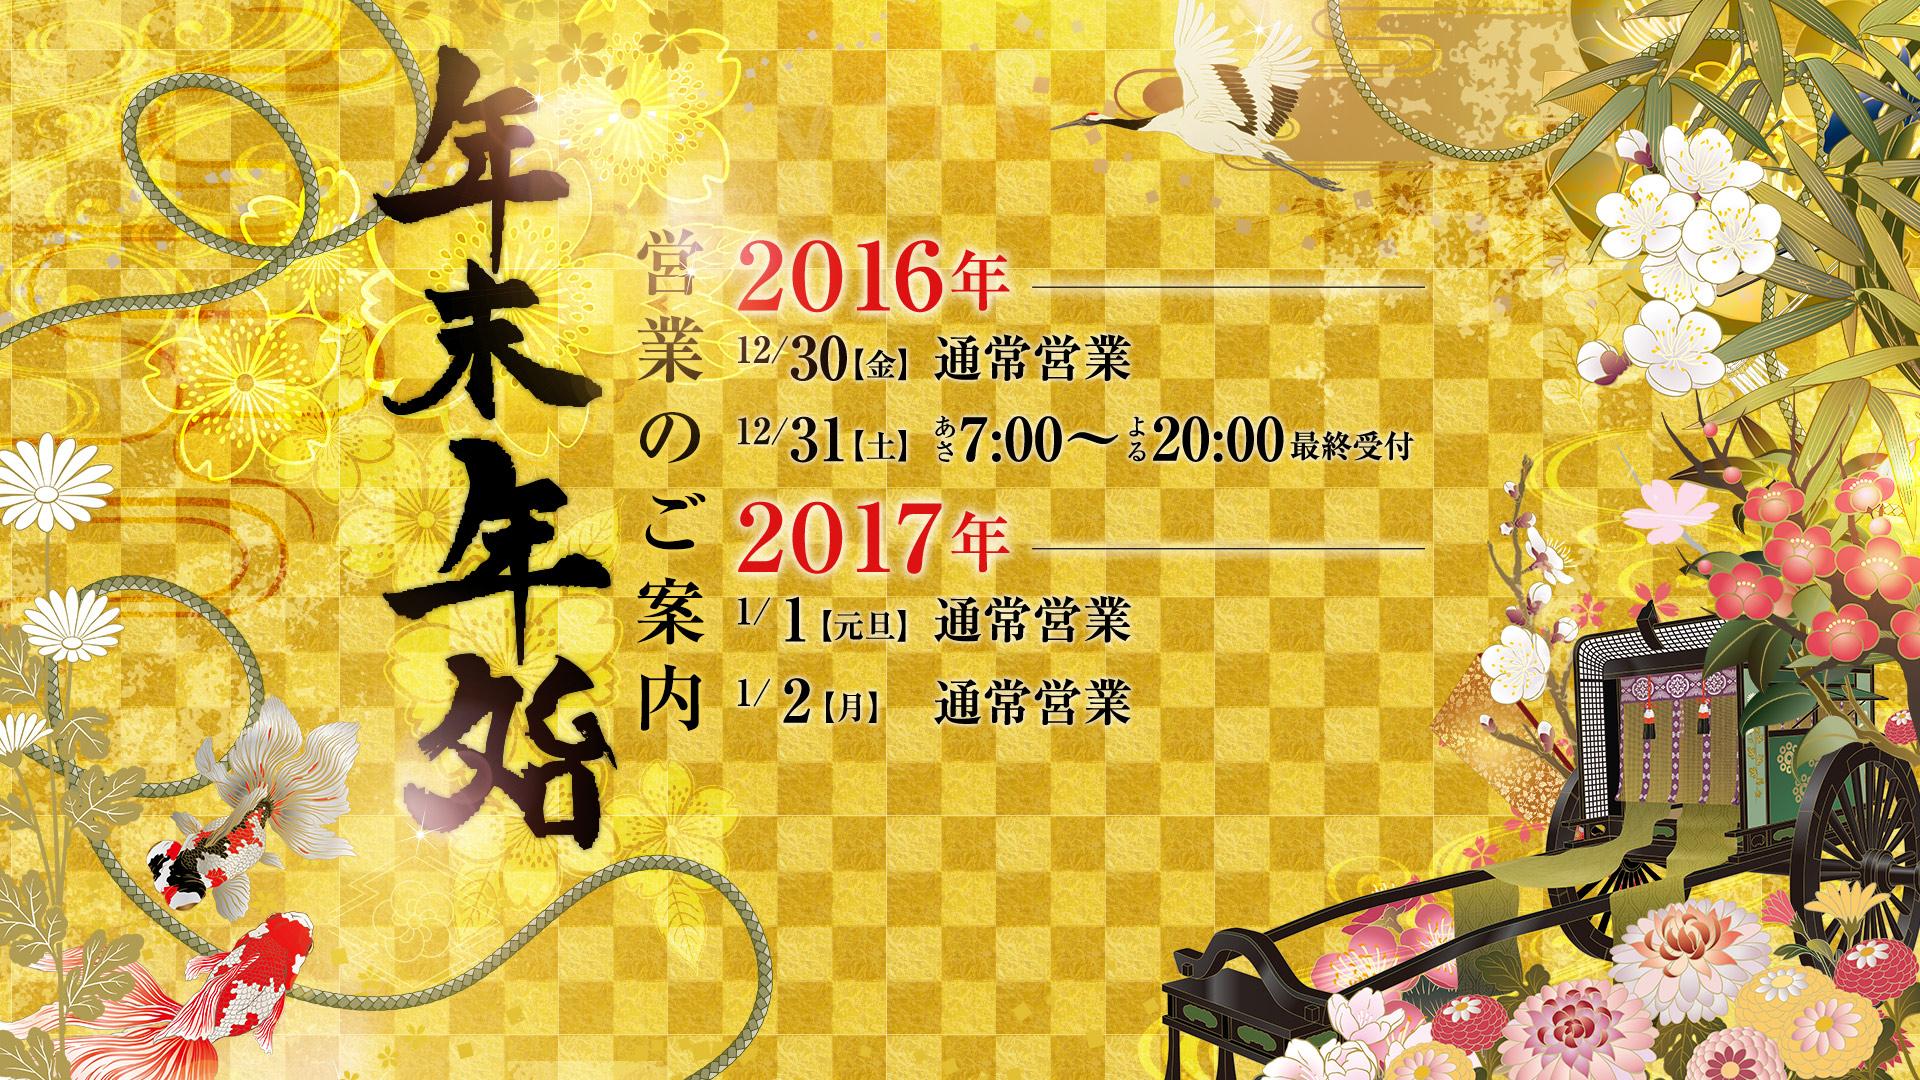 正月イベントデザイン